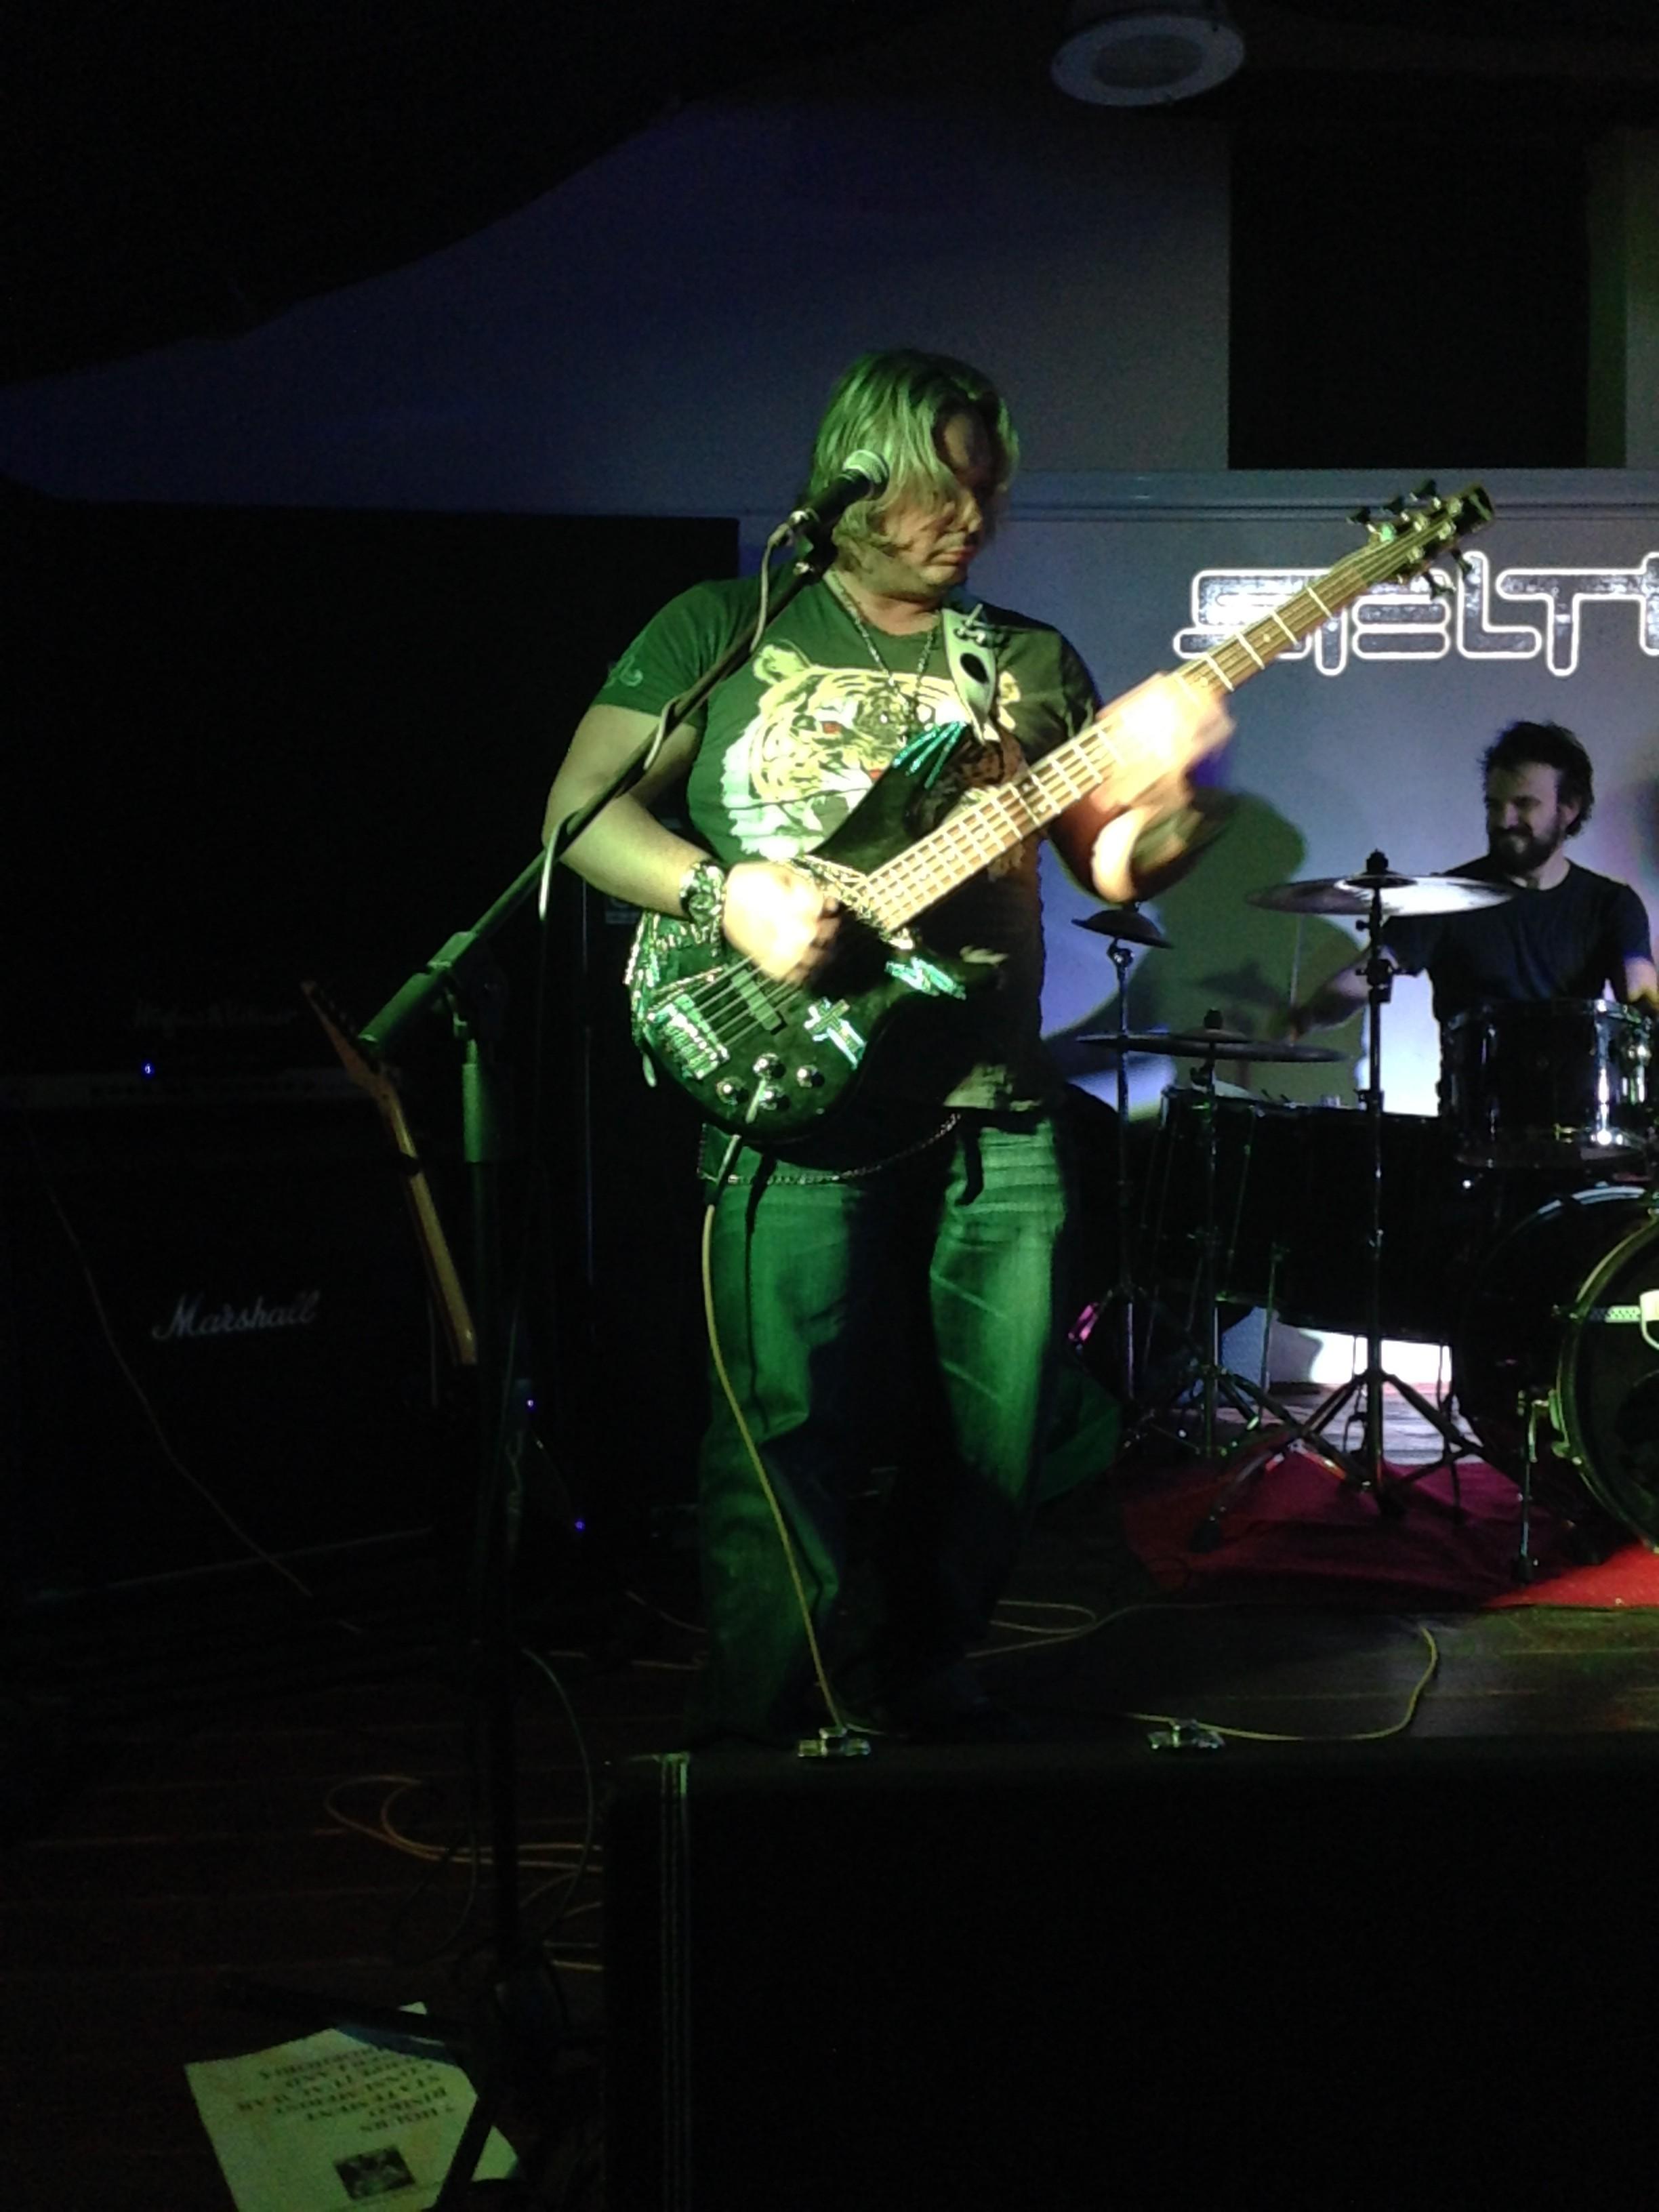 Live@La Piccola, Marche, Italy - 20.12.2014